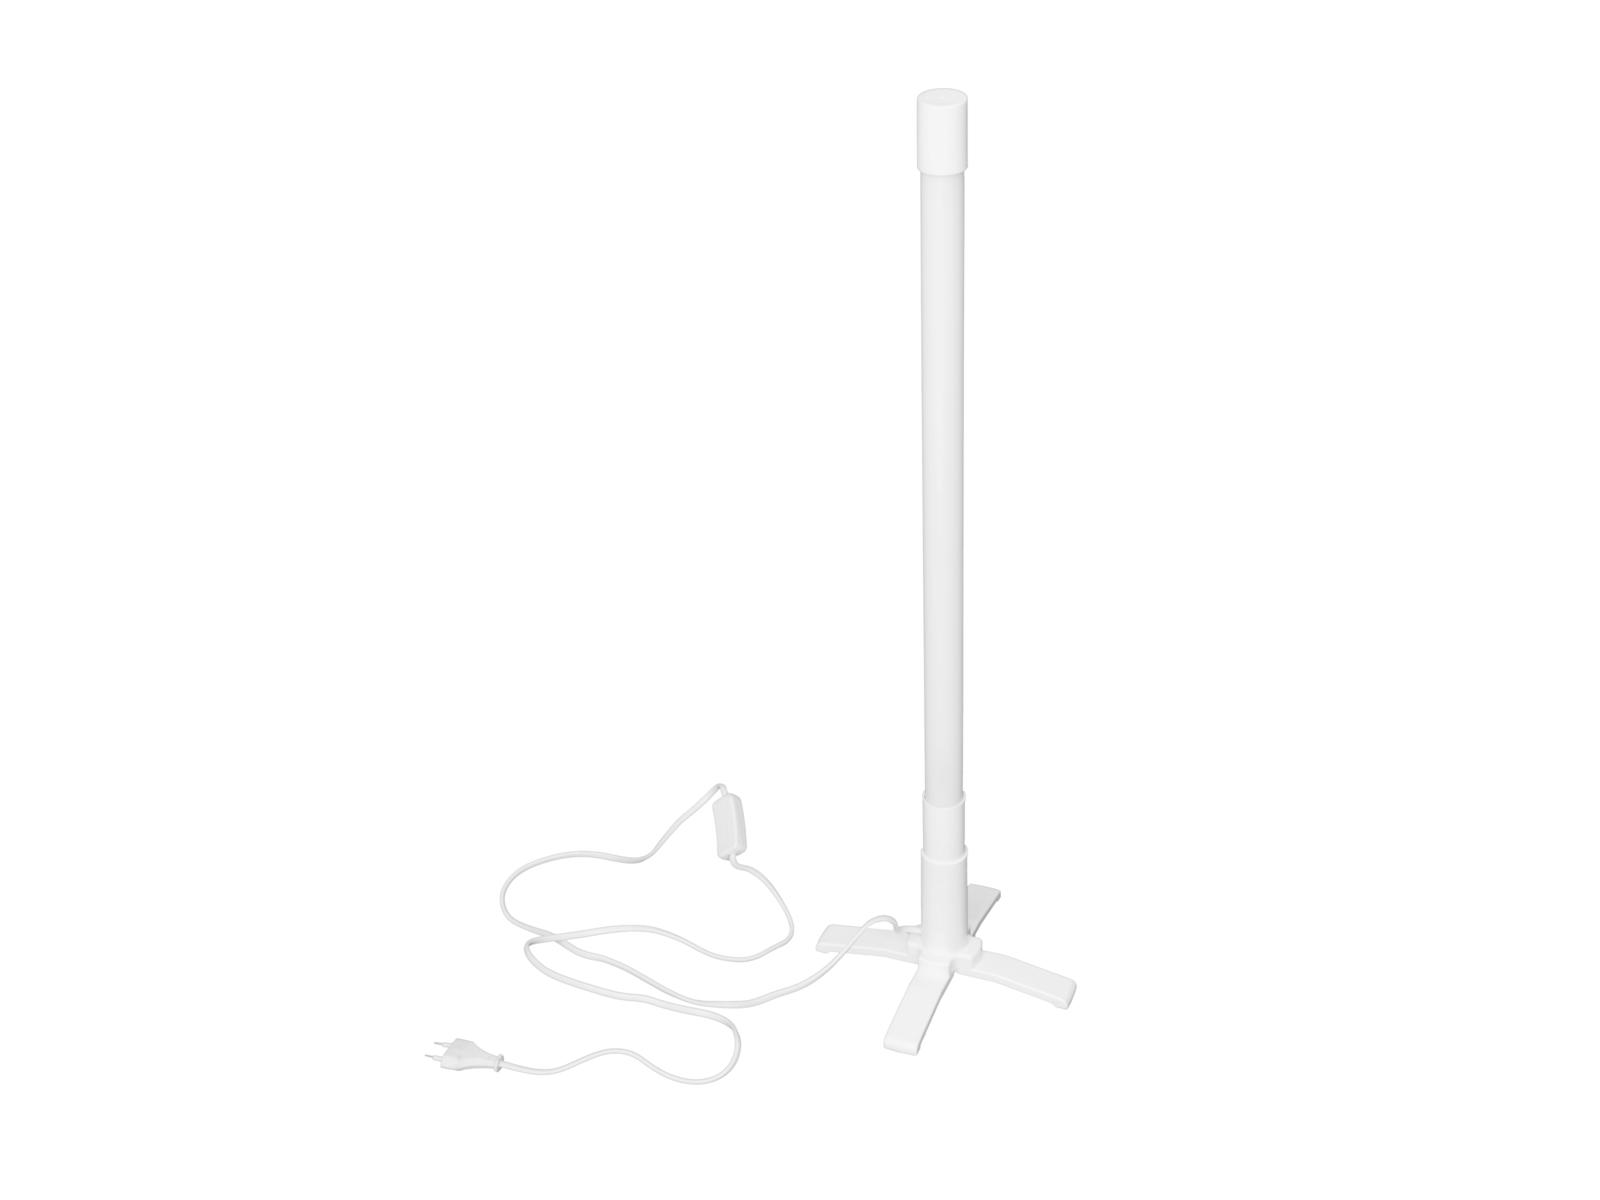 EUROLITE Leuchtstab T8 18W 70cm weiß, weißes Gehäuse